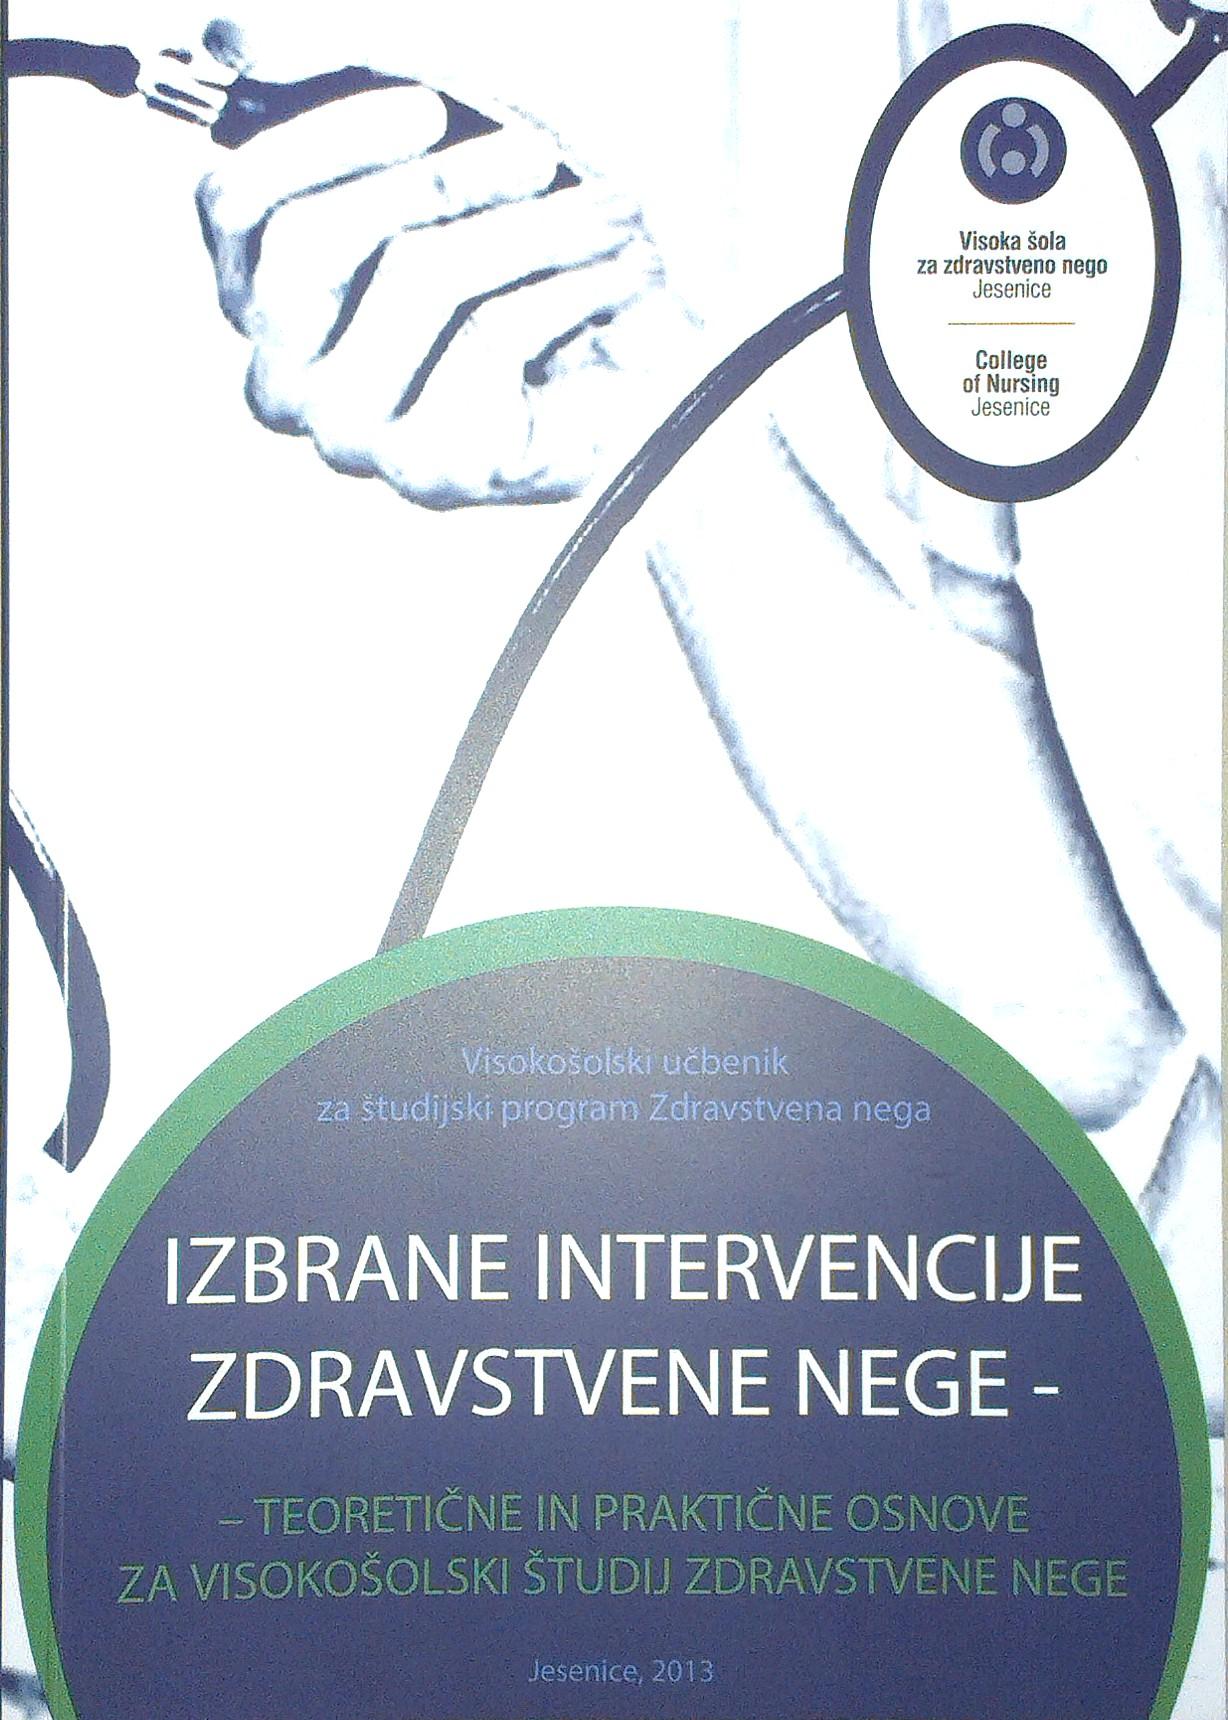 naslovnica-ucbenik_Intervencij.jpg